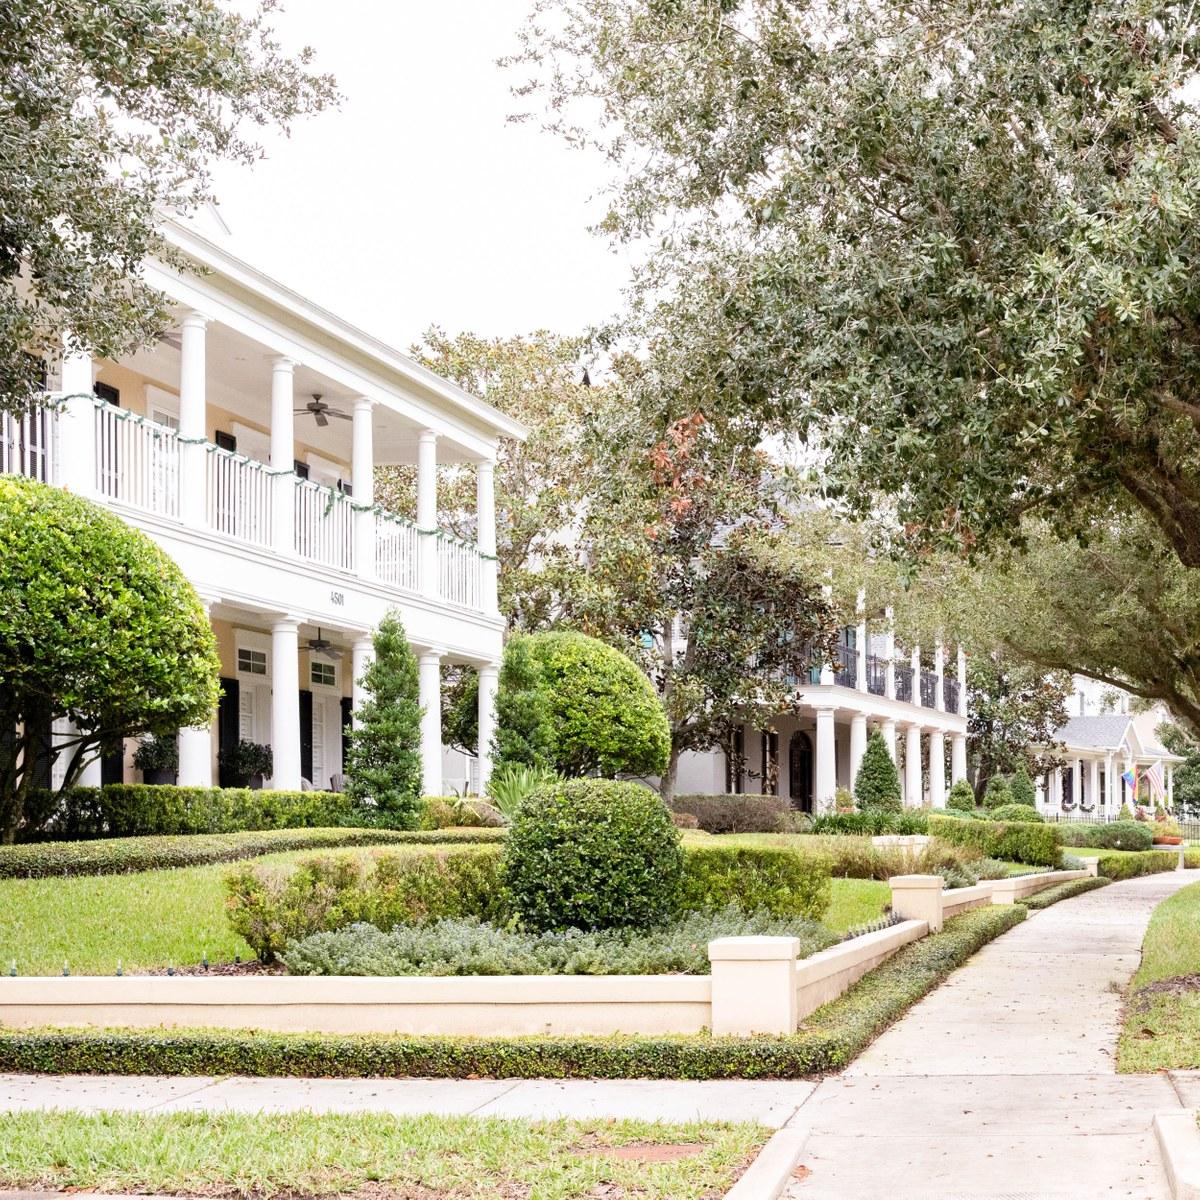 Baldwin Park Baldwin Park: Baldwin Park, Orlando FL - Neighborhood Guide